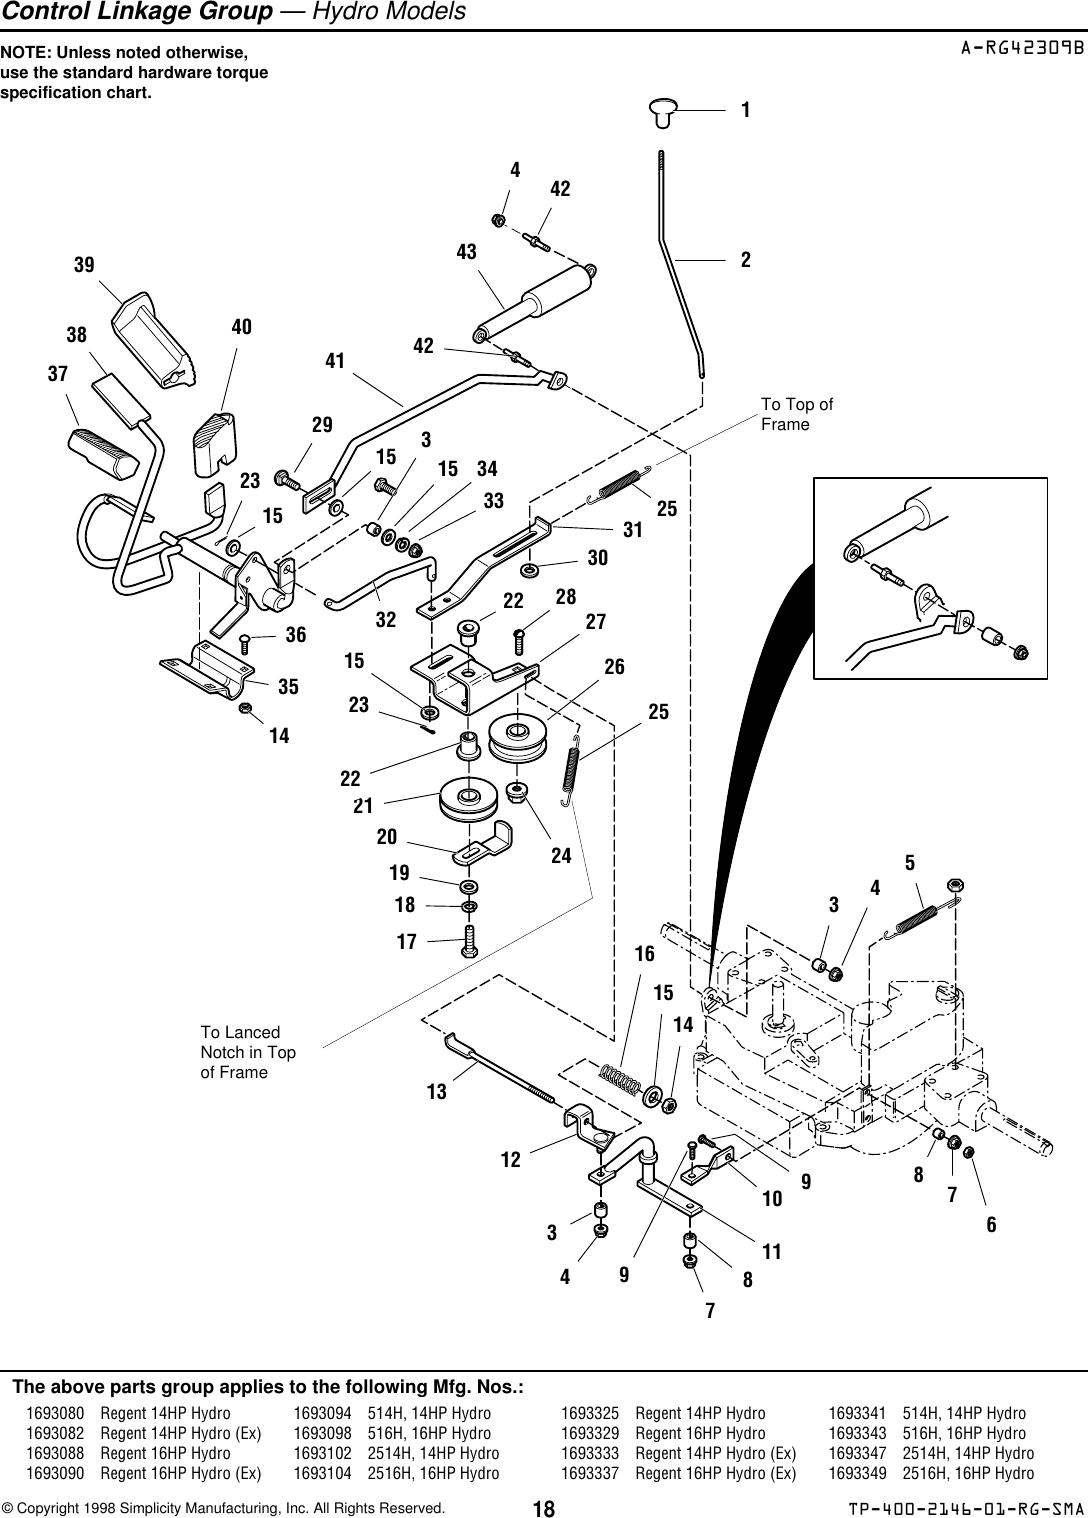 Simplicity Regent 500 Parts Manual TP_400_2146_01_RG_SMA